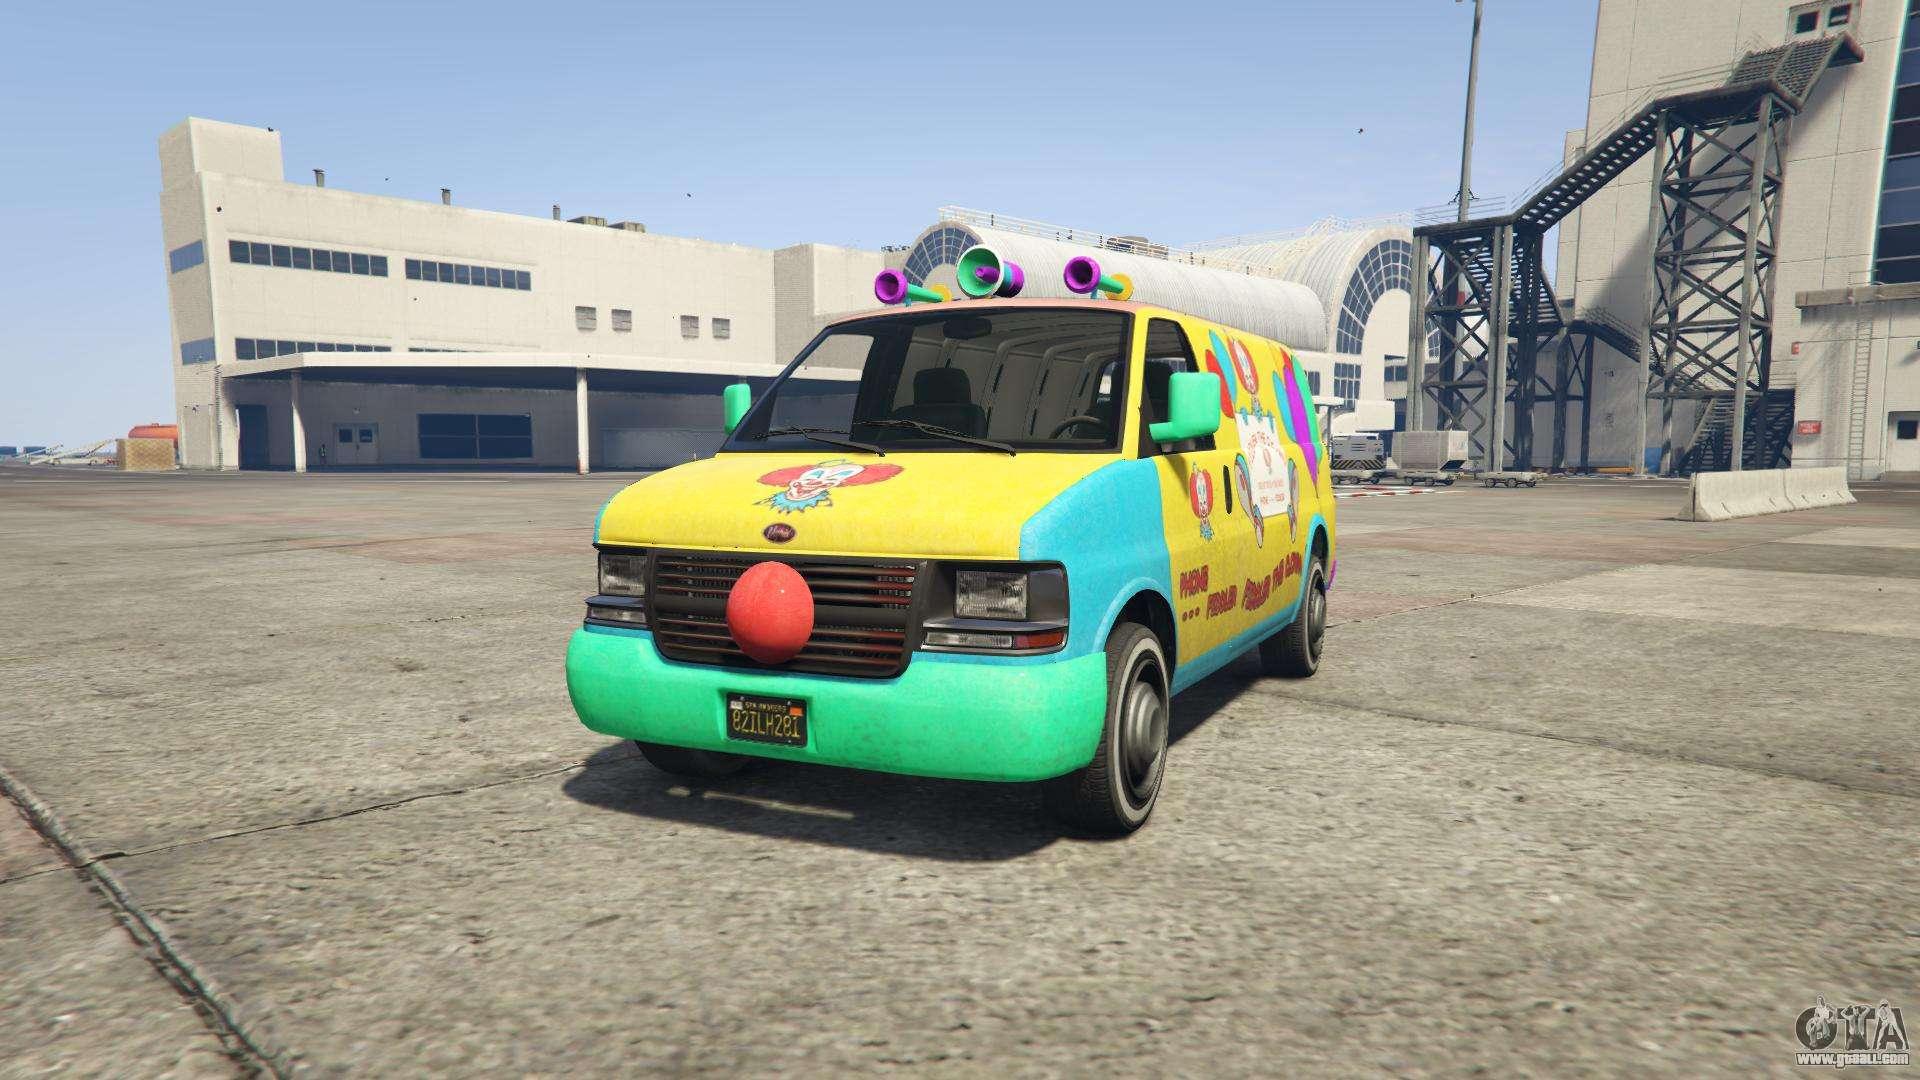 GTA 5 Vapid Clown Van - front view